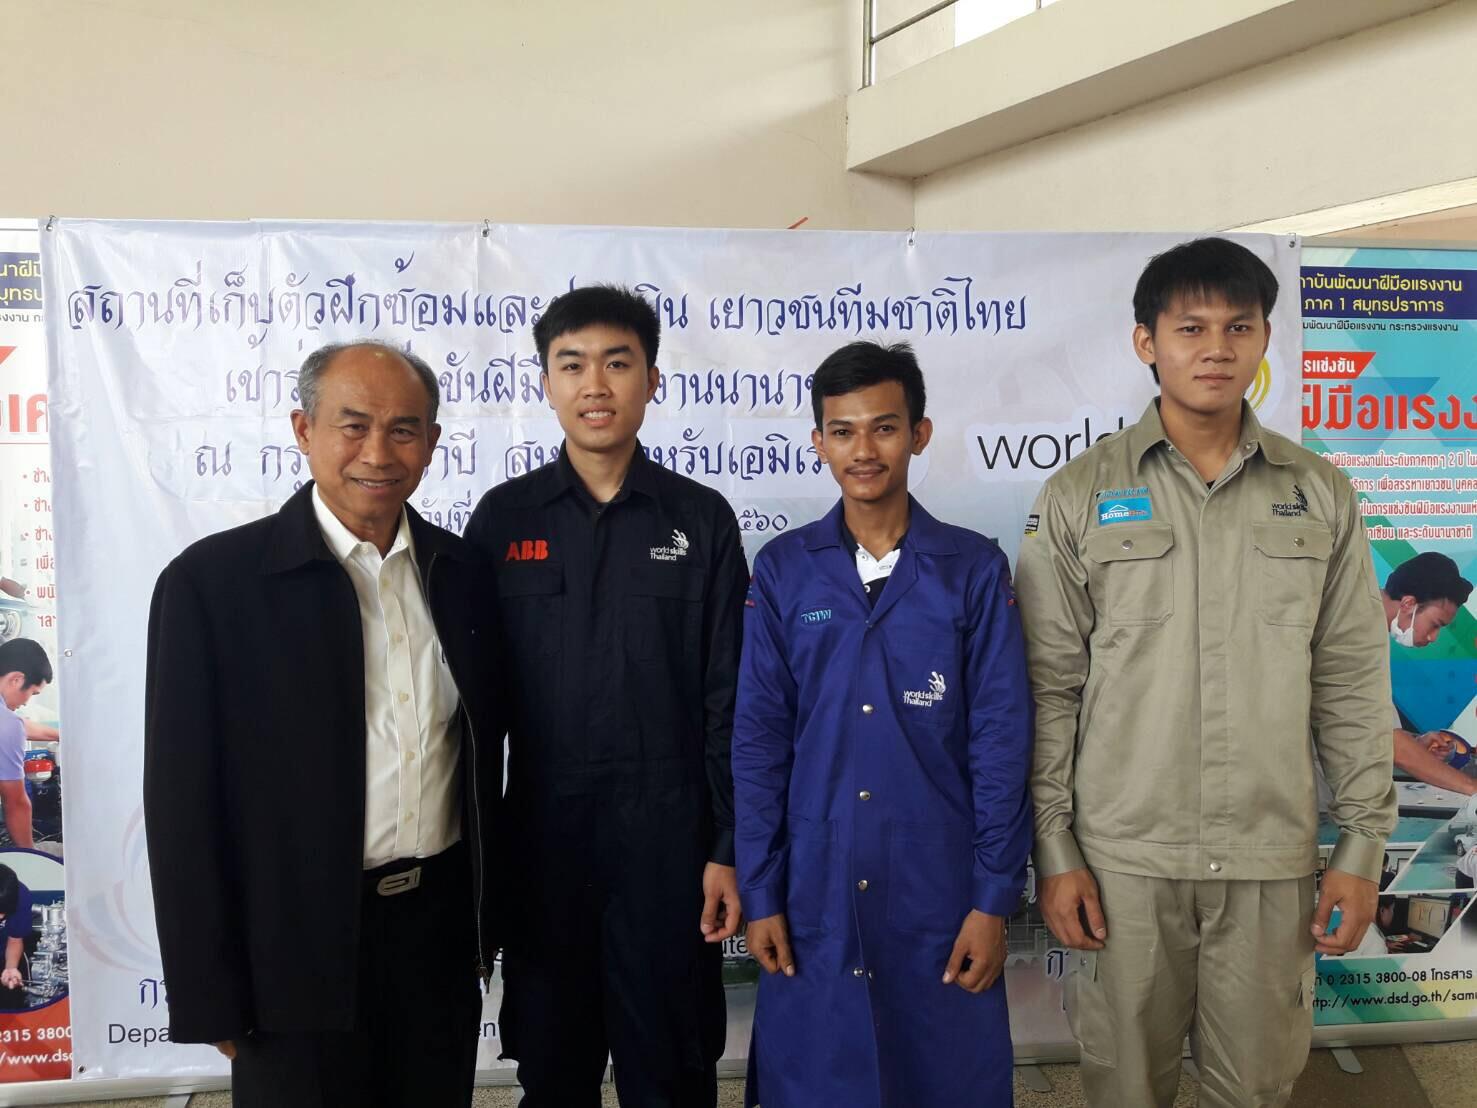 รมว.แรงงานและคณะตรวจเยี่ยมเยาวชนตัวแทนประเทศไทยที่เก็บตัวเข้าร่วมการแข่งขันฝีมือแรงงานนานาชาติ